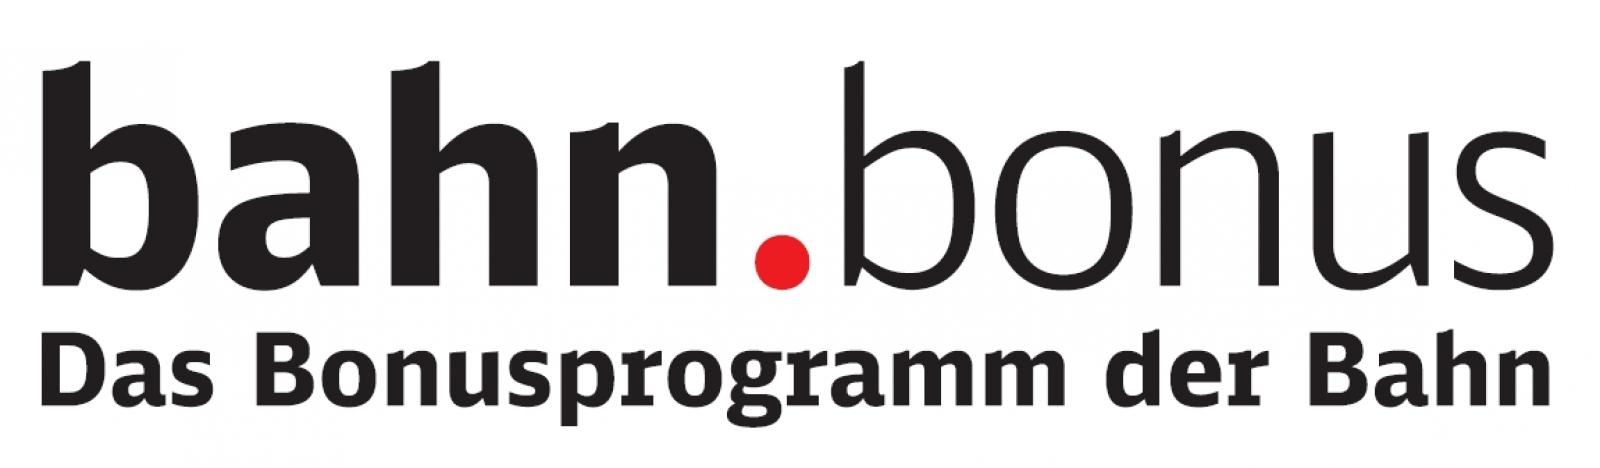 Für BahnCard Kunden: 500 Bahn.bonus Punkte in 10EUR Coupon eintauschen